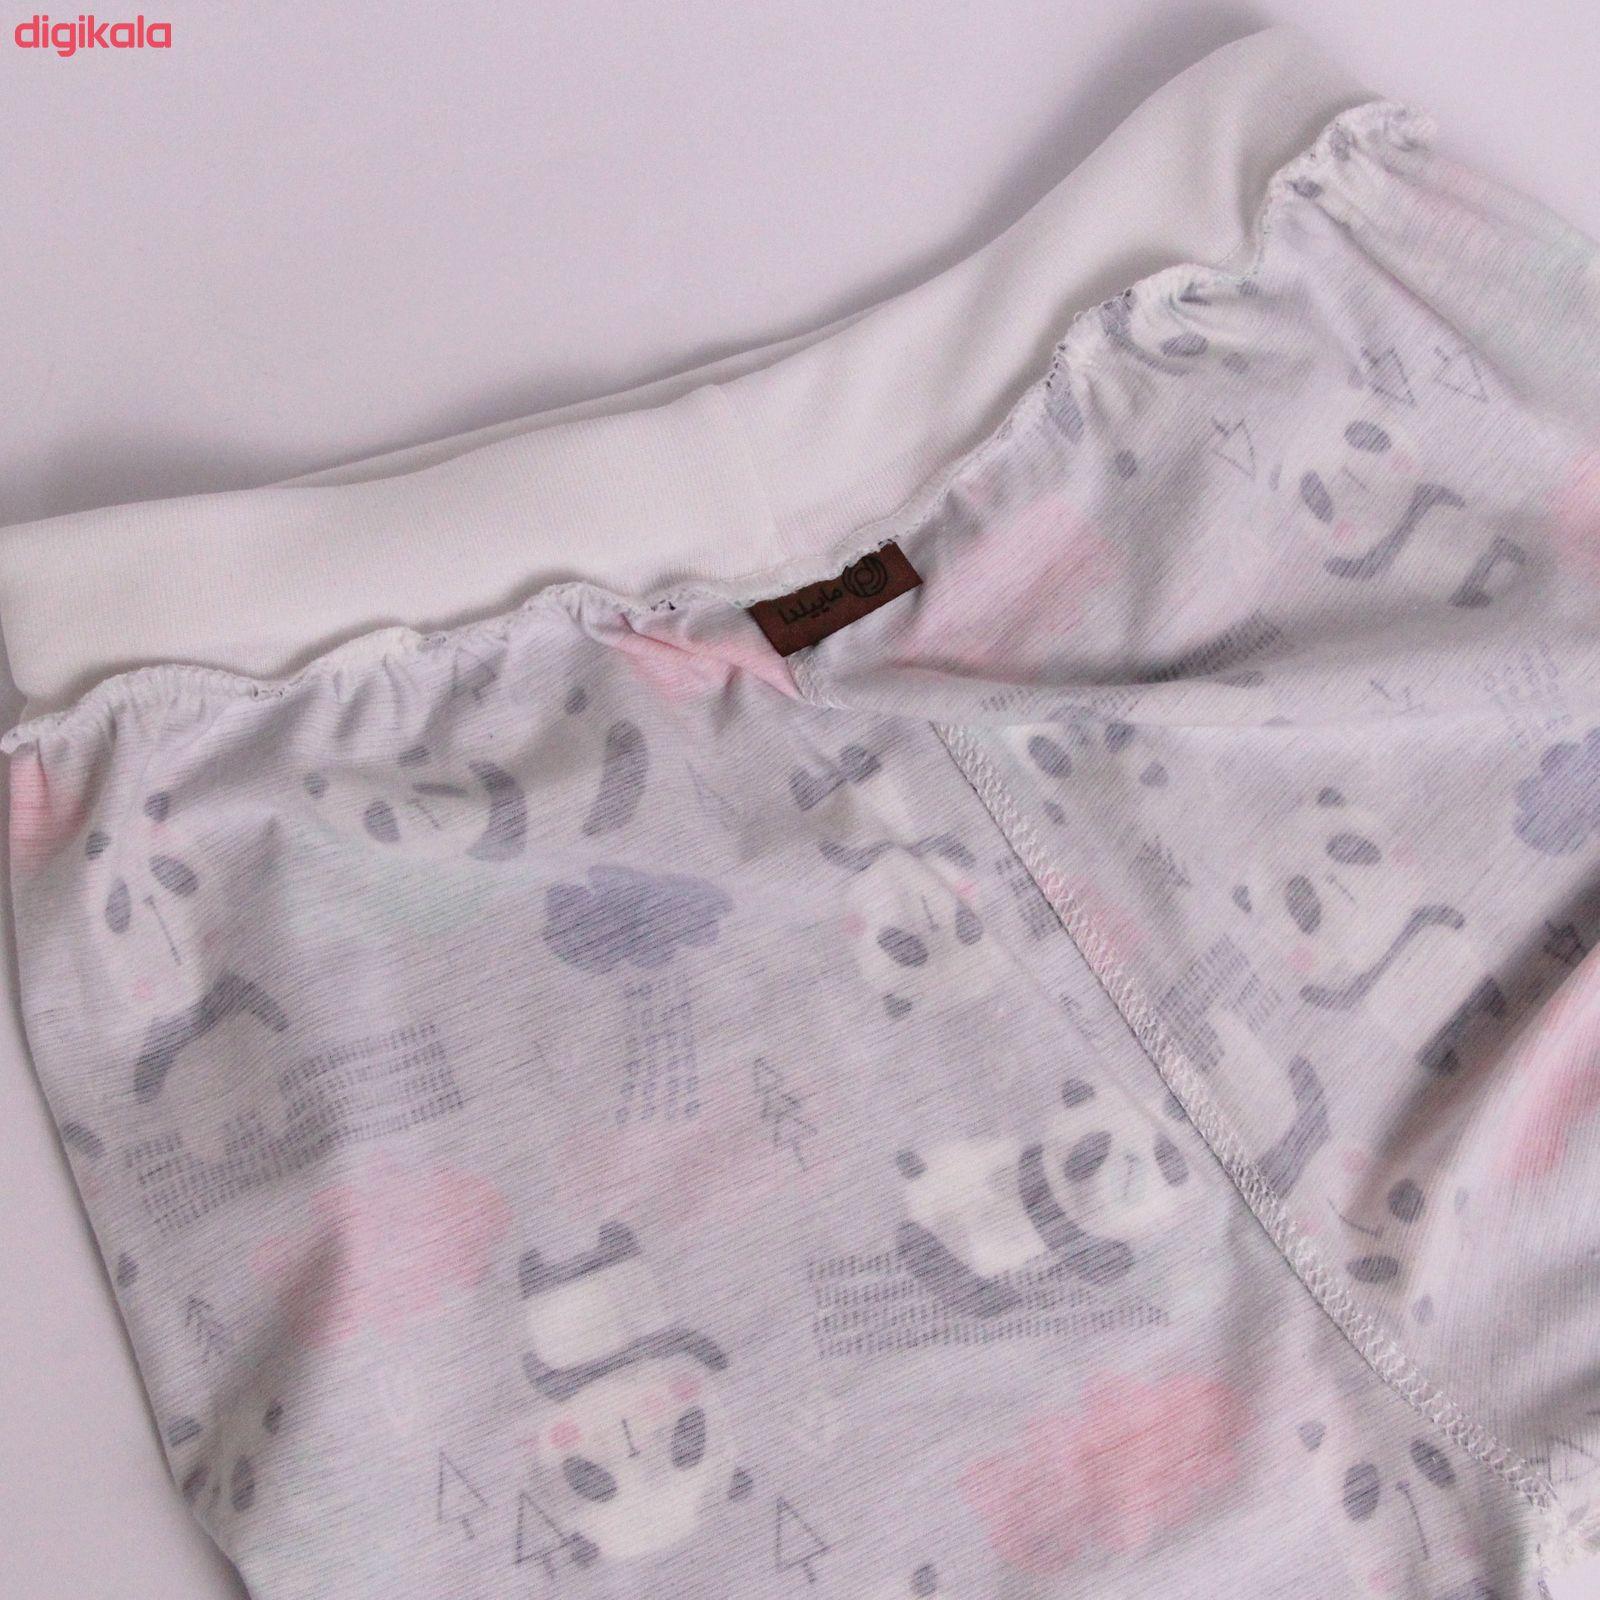 ست تی شرت و شلوار زنانه ماییلدا مدل 3587-1 main 1 6